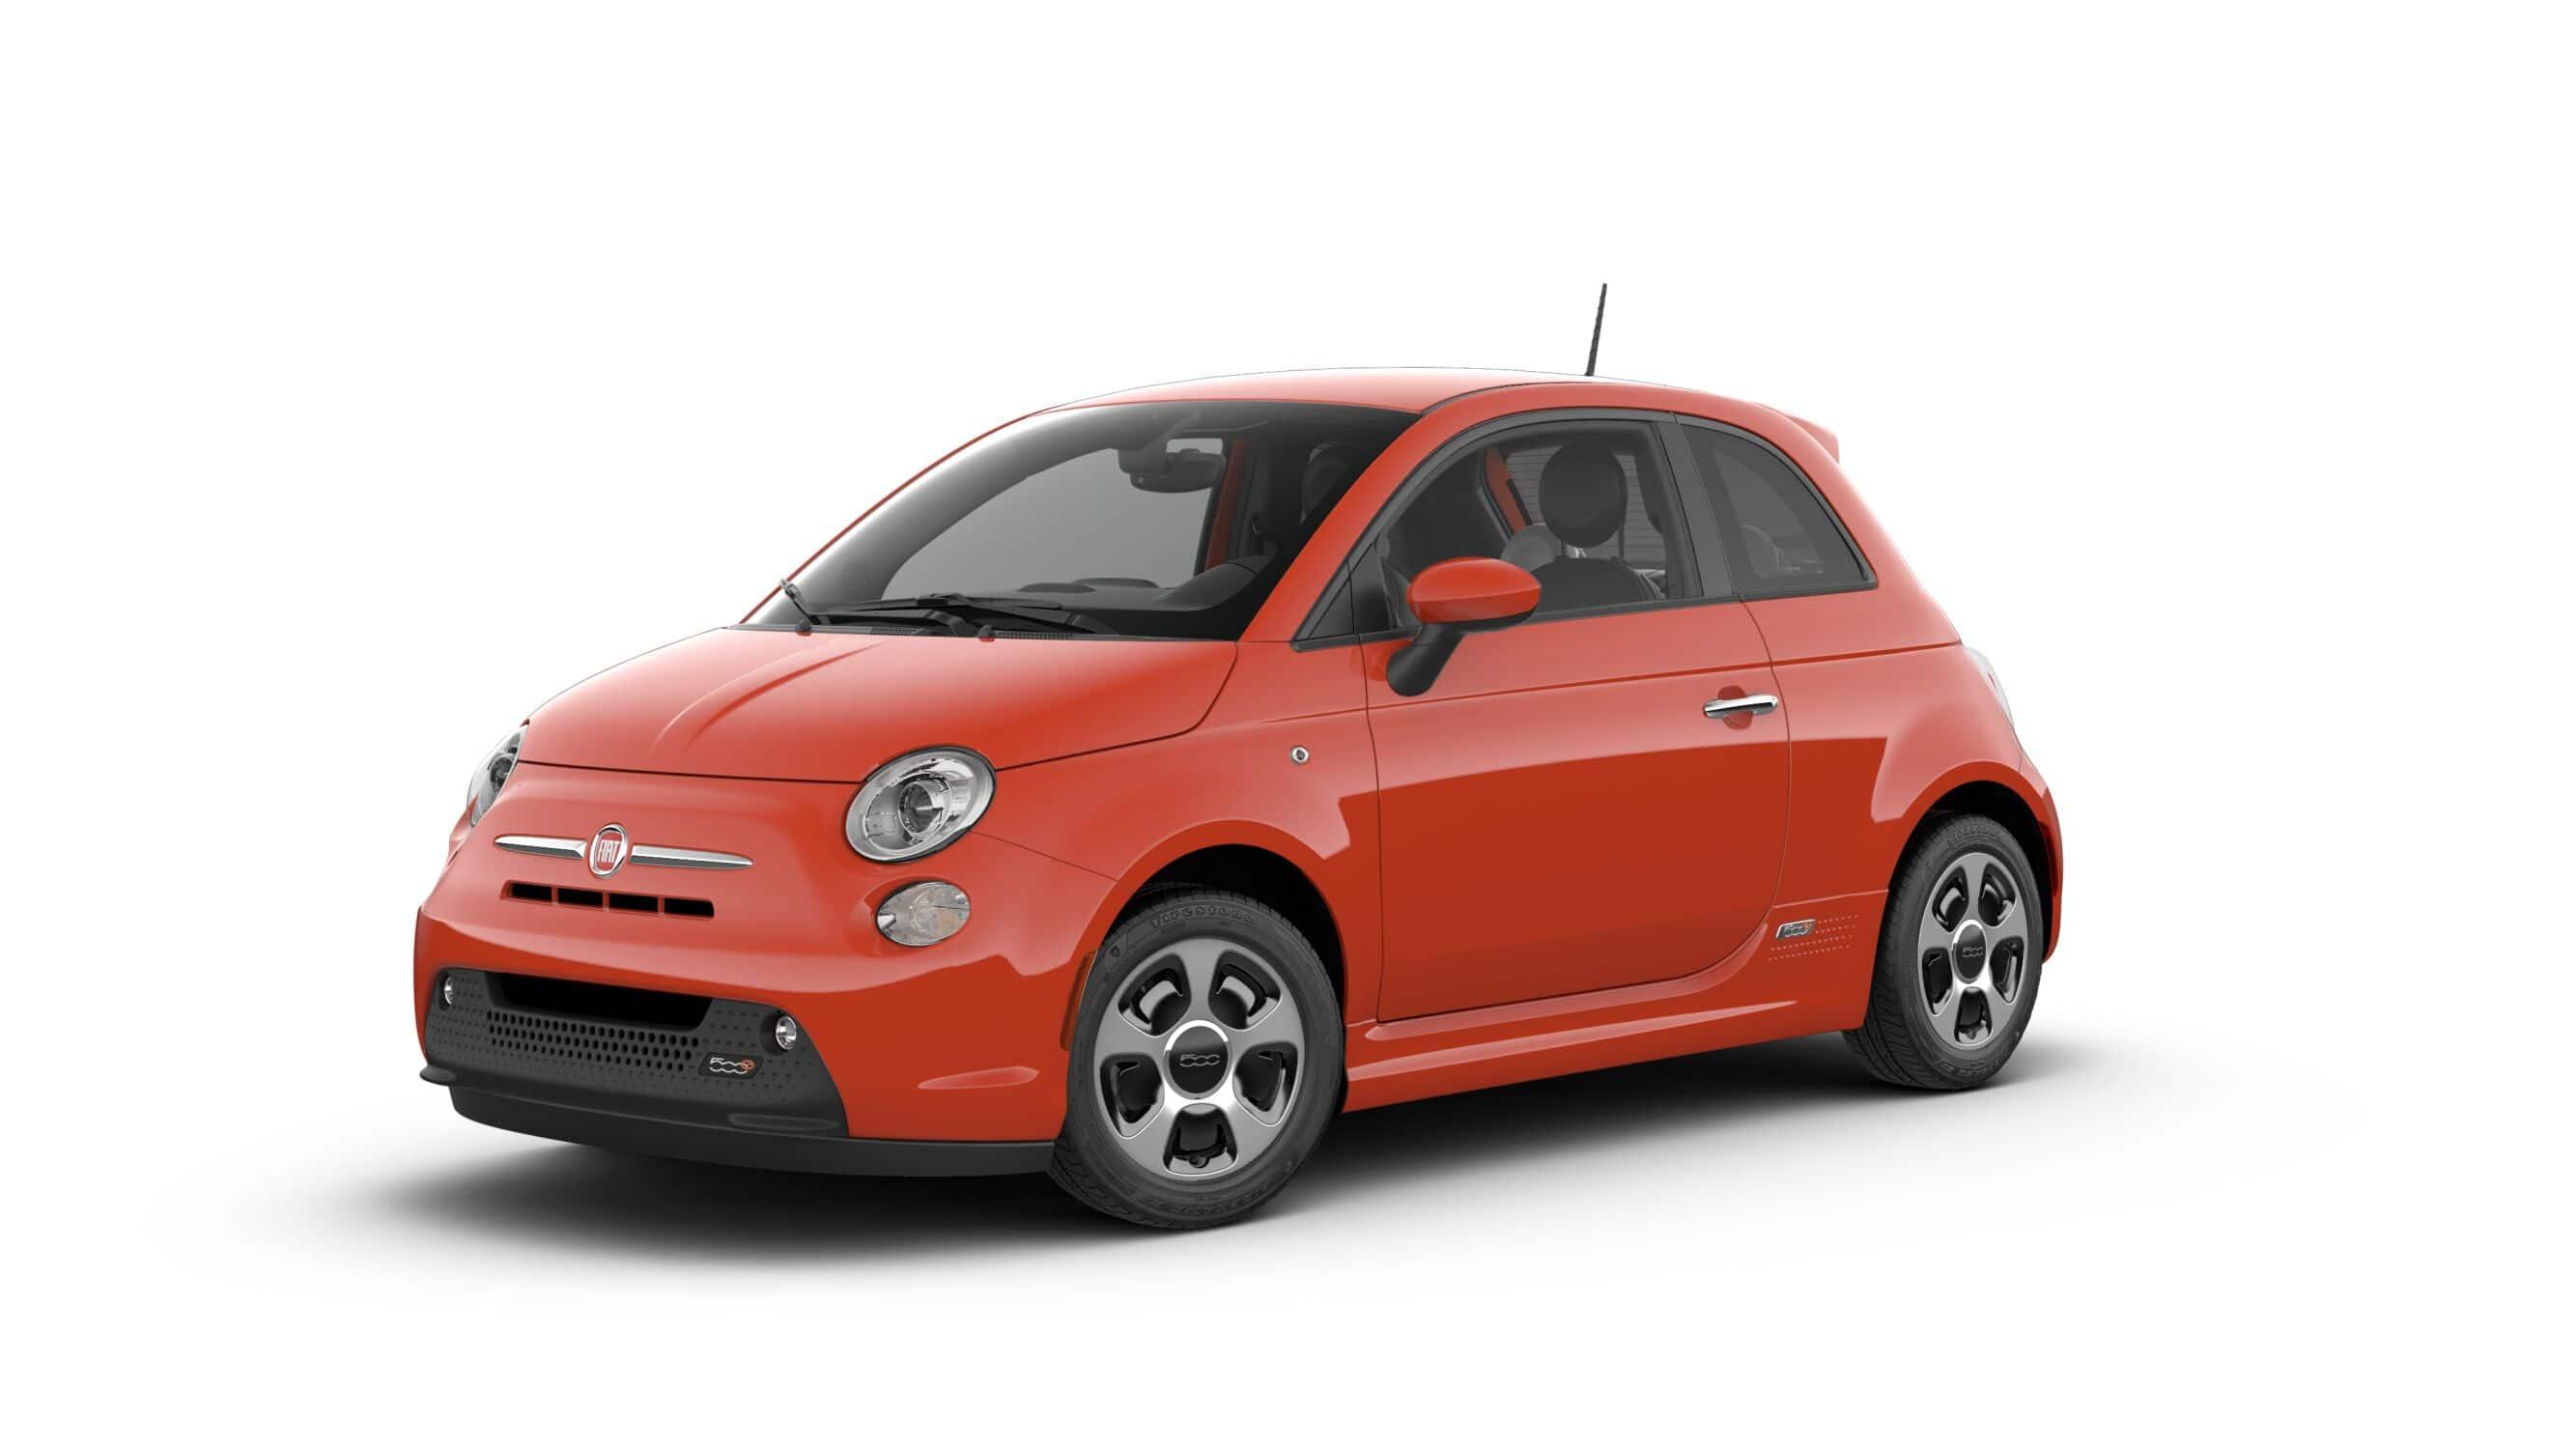 2018 Fiat 500e Ev Msrp 34290 7250 Cash Rebate 4000 Dealer 7500 Federal Tax Credit 2500 Ca State